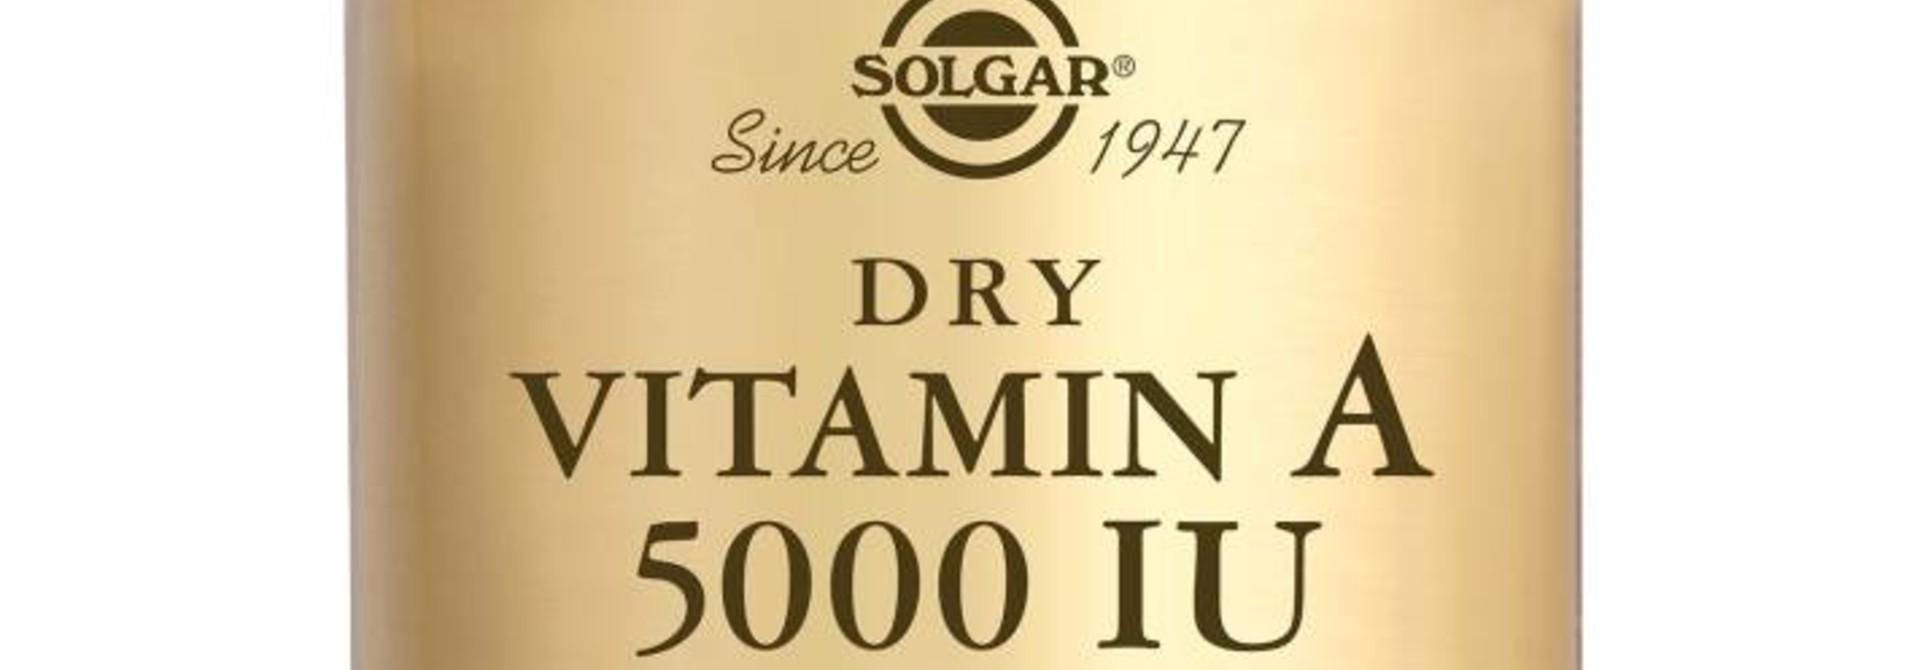 Vitamin A 5000 IU (1502 µg) 100 tabletten